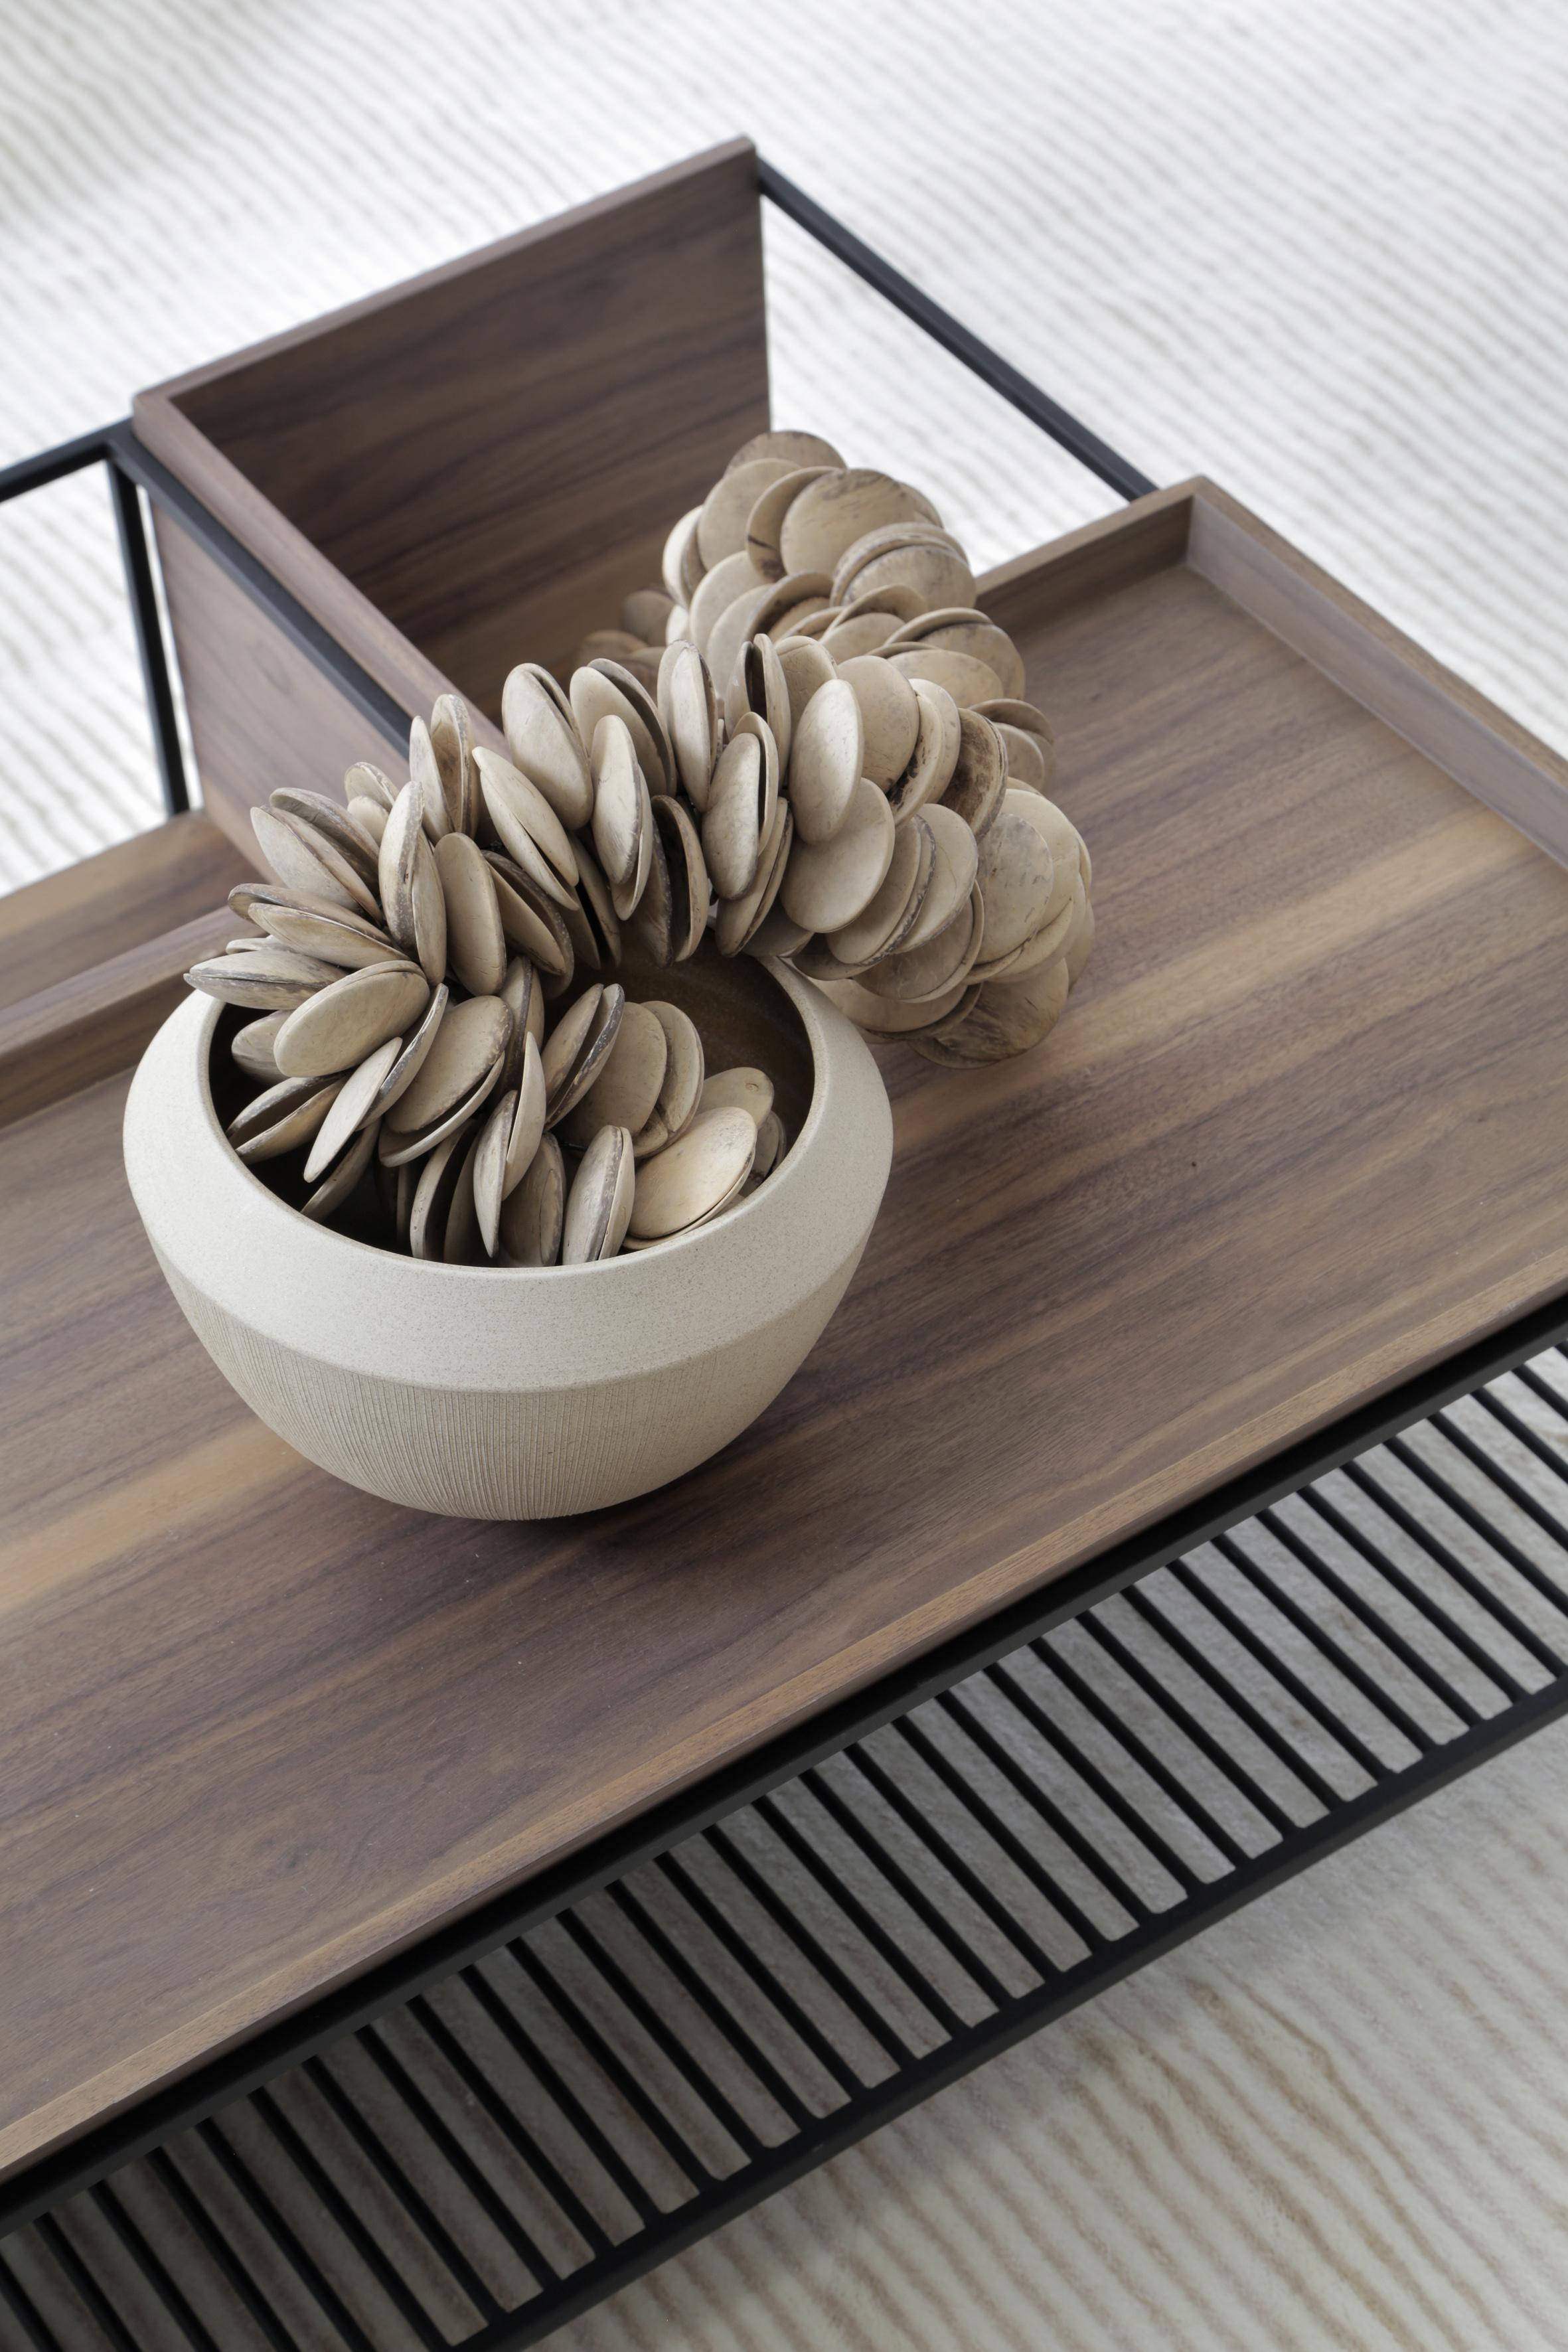 Casa Conecta: Ticiane Lima, CASACOR SP 2019.  Mesa de centro de madeira com estrutura de ferro e um vaso branco com decoração.